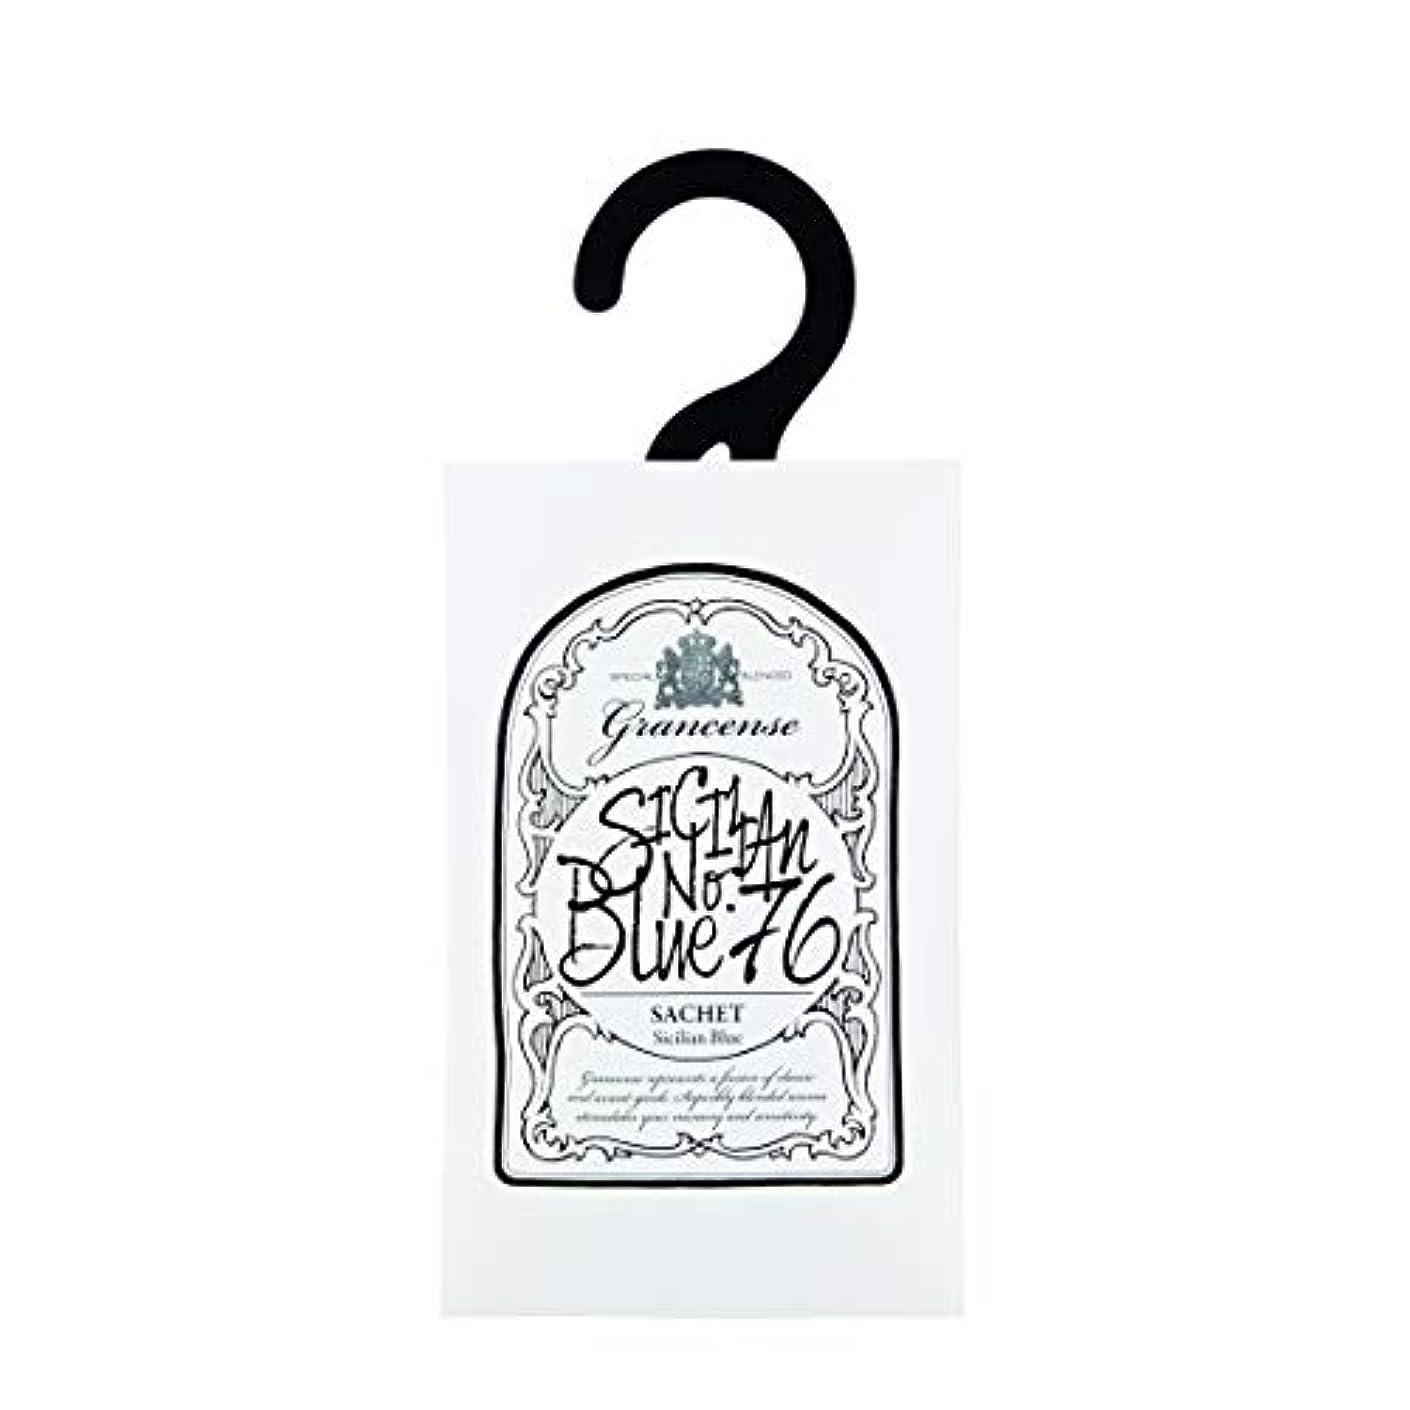 連結するスティック過激派グランセンス サシェ(約2~4週間) シチリアンブルー 12g(芳香剤 香り袋 アロマサシェ レモンやライムの爽快なシトラスノートは清涼感を感じさせる香り)